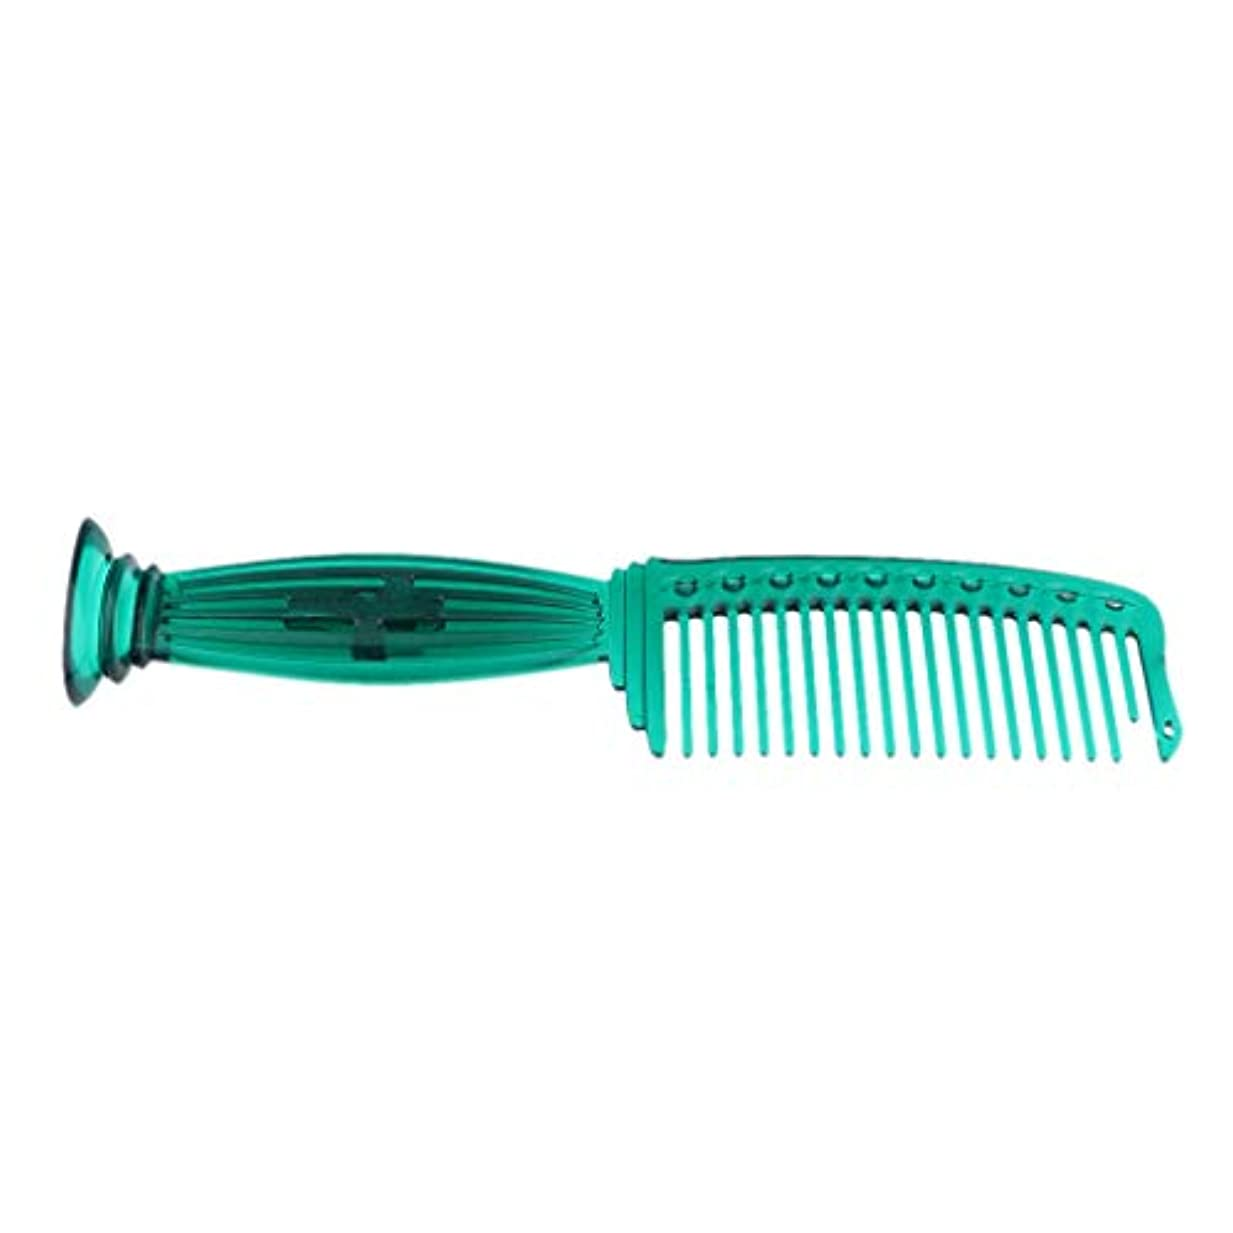 エレベーター世紀慣れている全5色 ワイド歯 ヘアコーム ヘアブラシ プラスチック櫛 頭皮保護 櫛 プロ ヘアサロン 理髪師用 - 緑